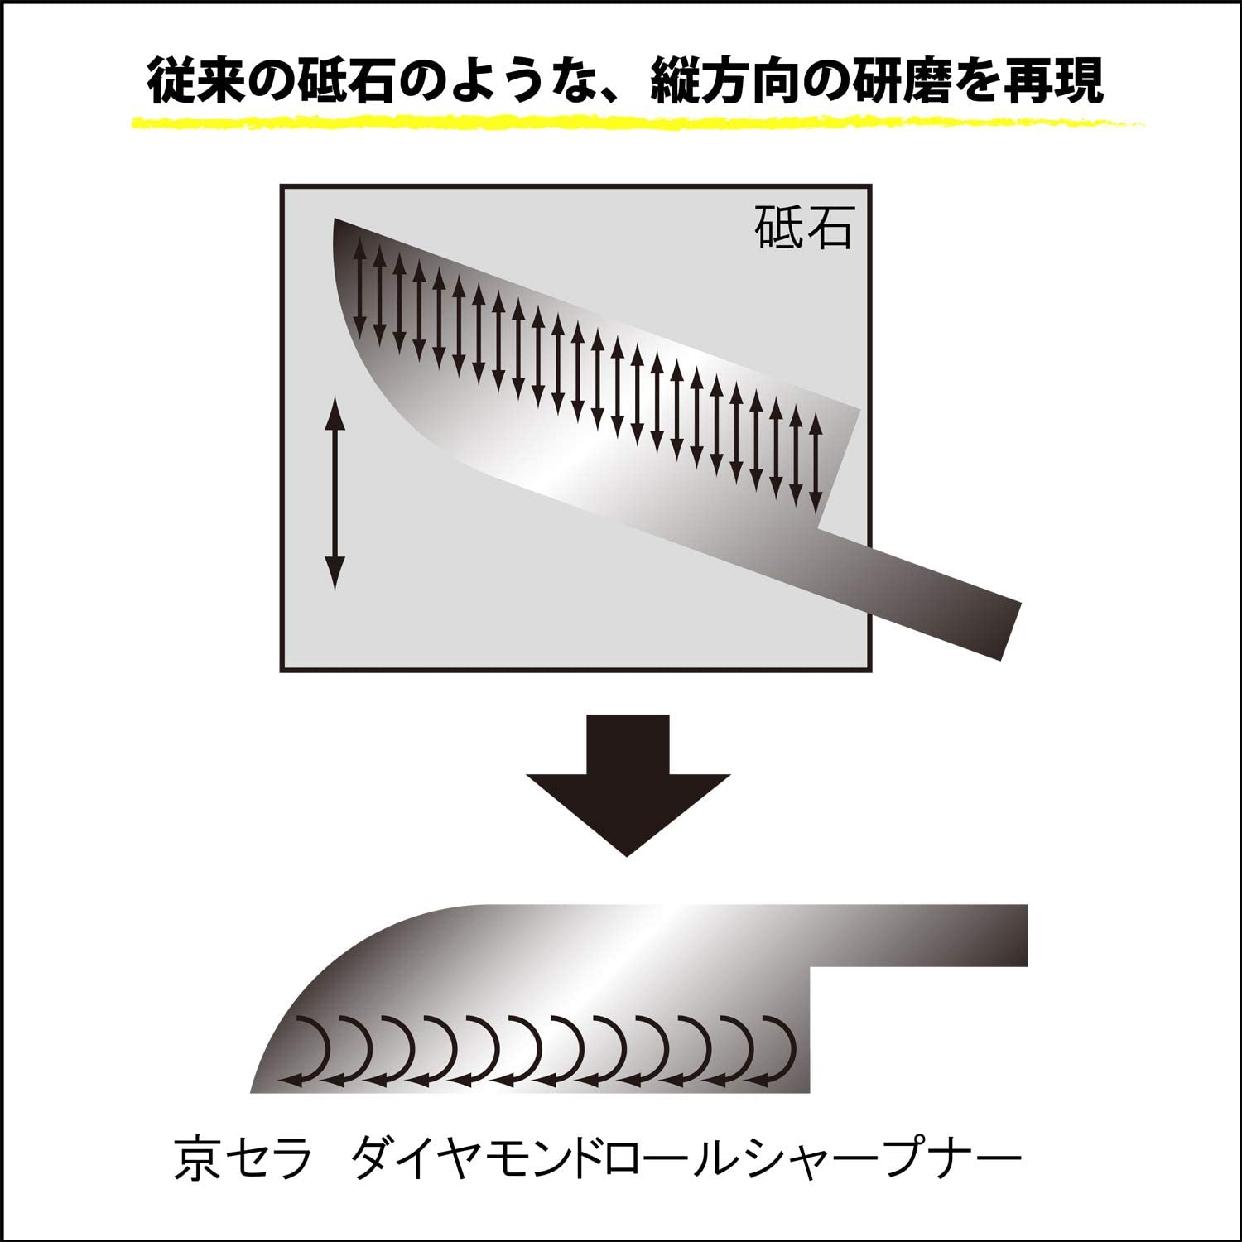 京セラ(キョウセラ)電動ダイヤモンドシャープナー DS-38の商品画像5